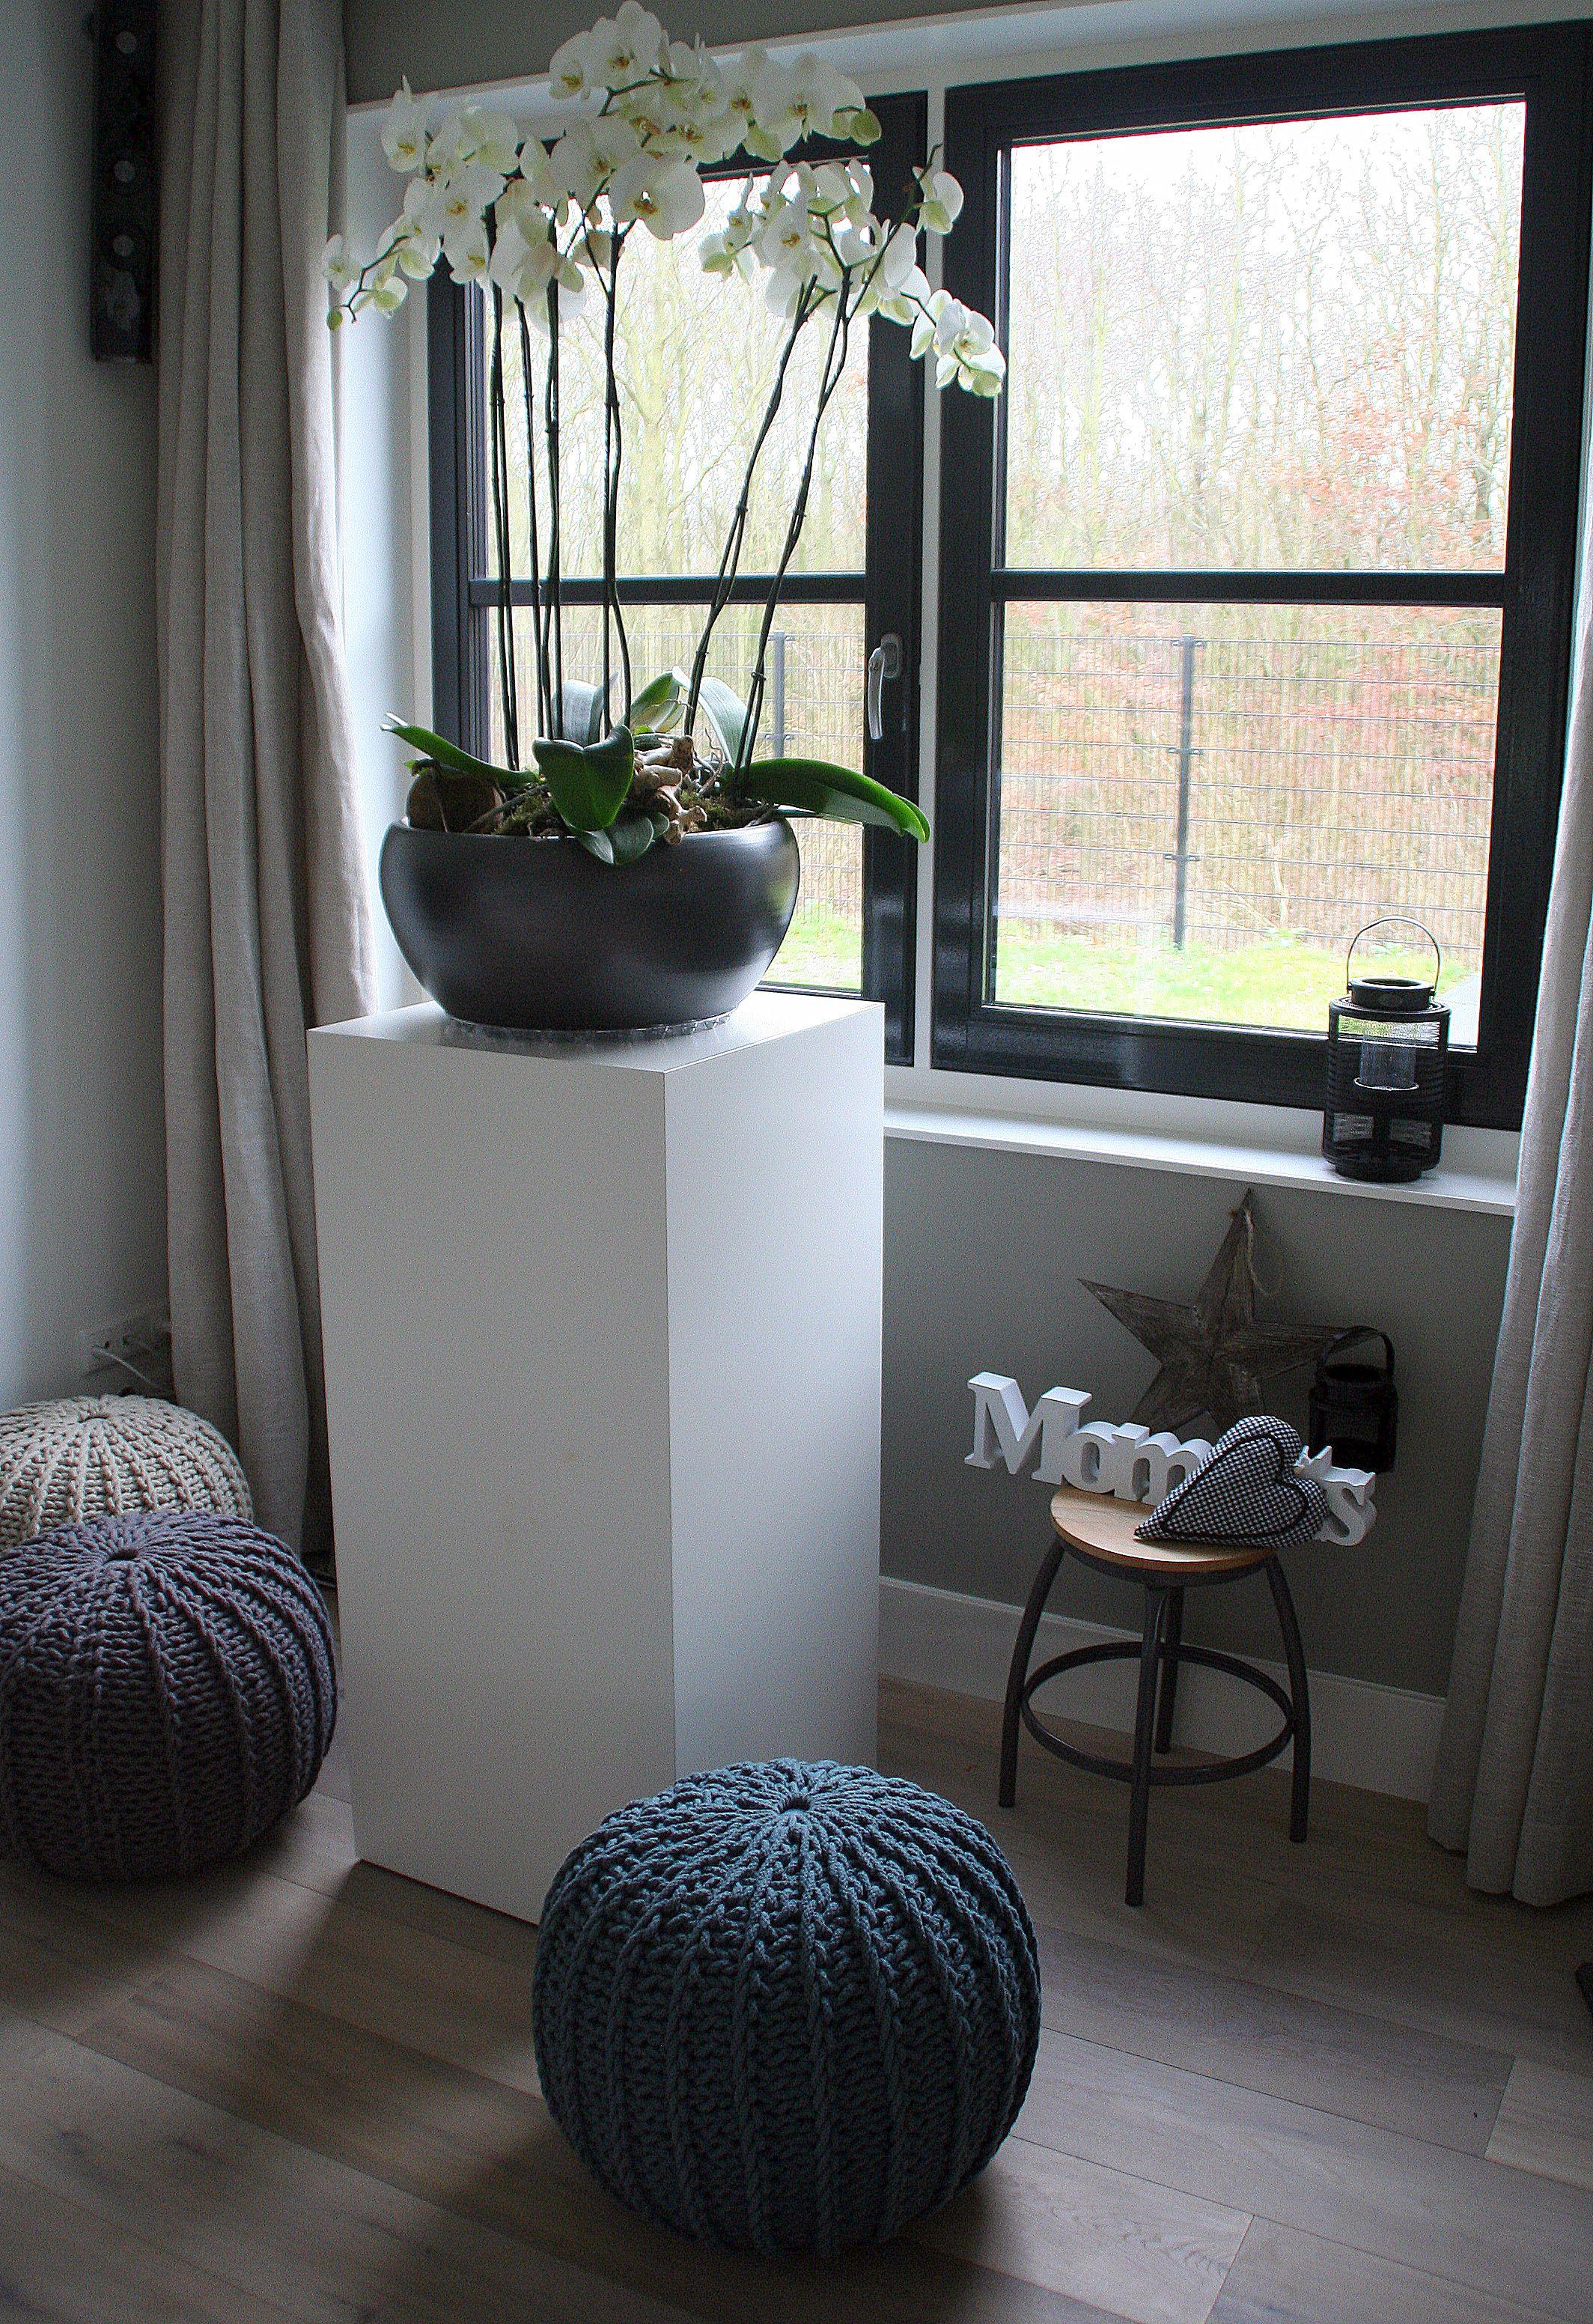 Grote pot met oridee n op zuil bloemen kamerplanten pinterest decoratie kamerplanten en - Schilderij decoratie voor woonkamer ...